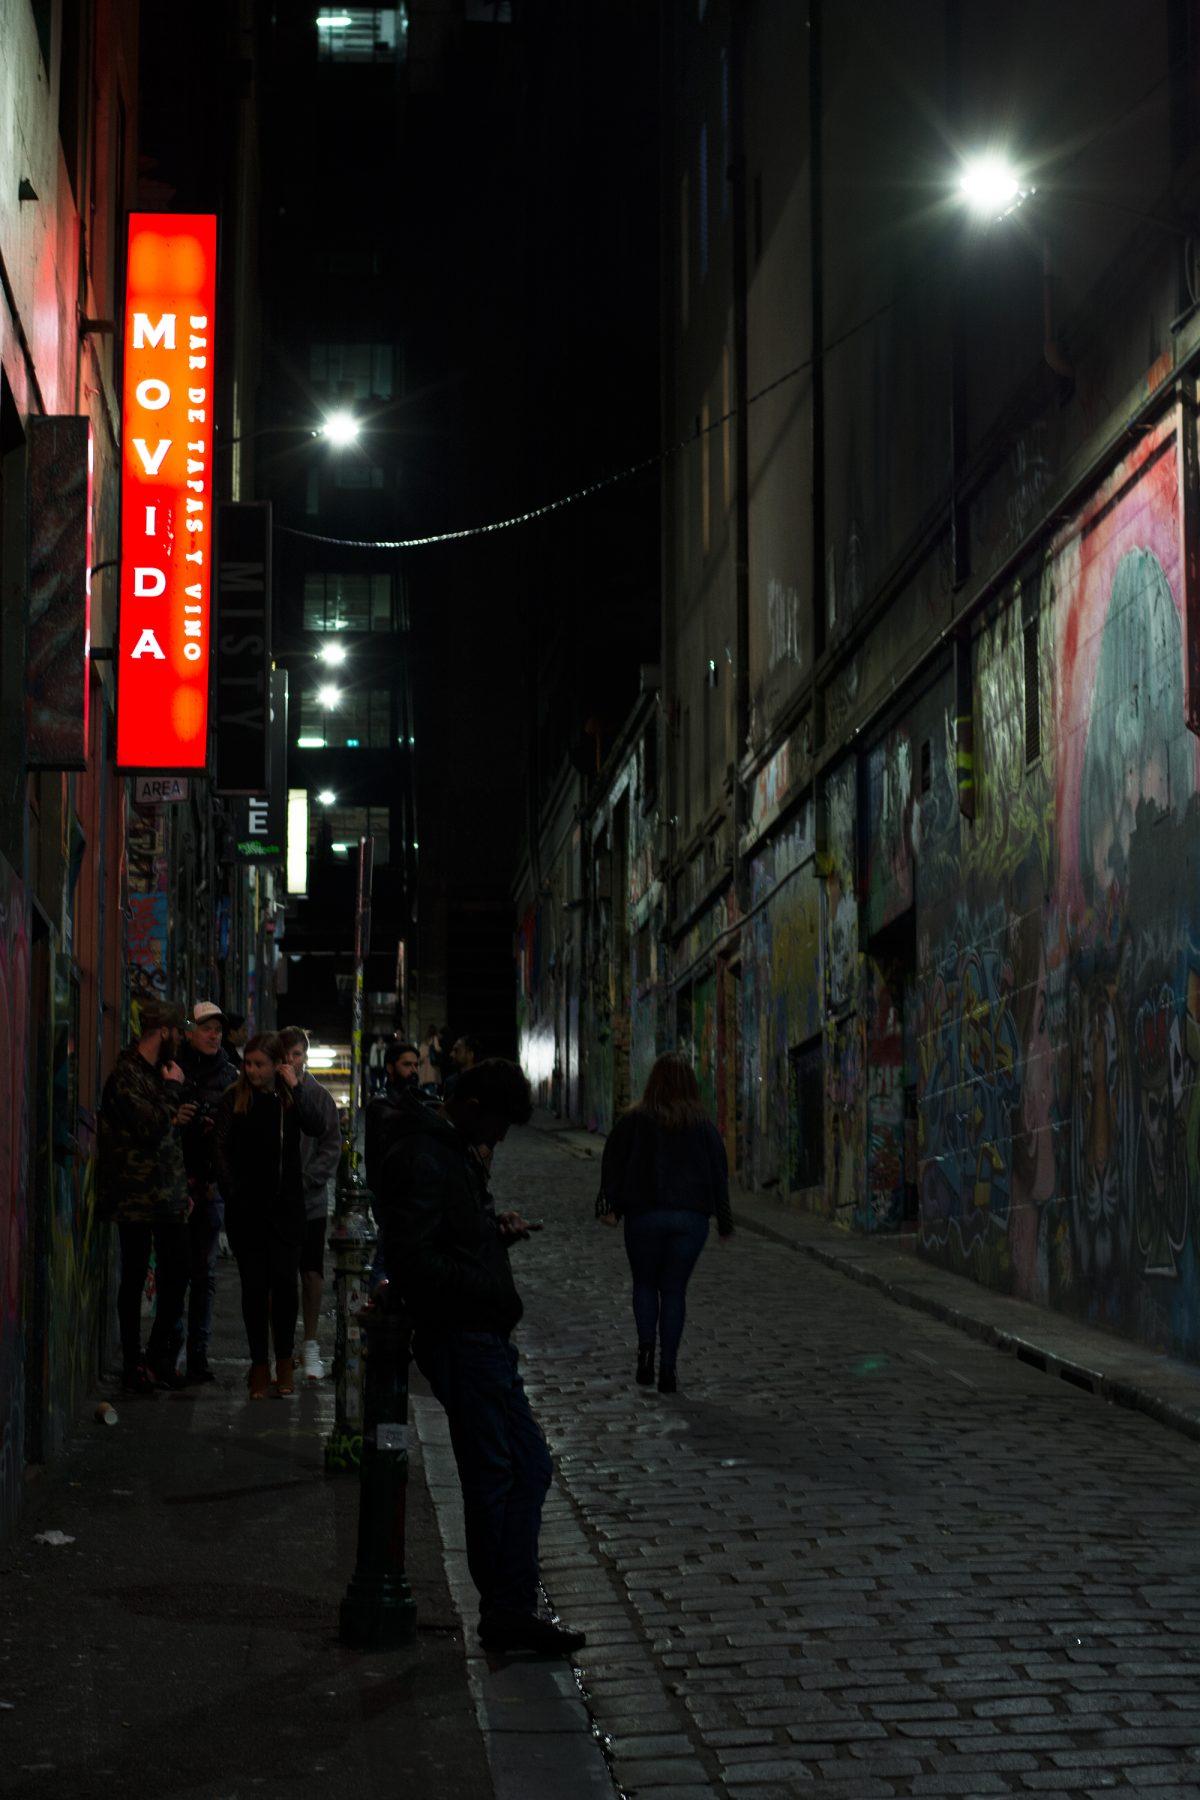 MoVida (Melbourne), a review - thespiceadventuress.com